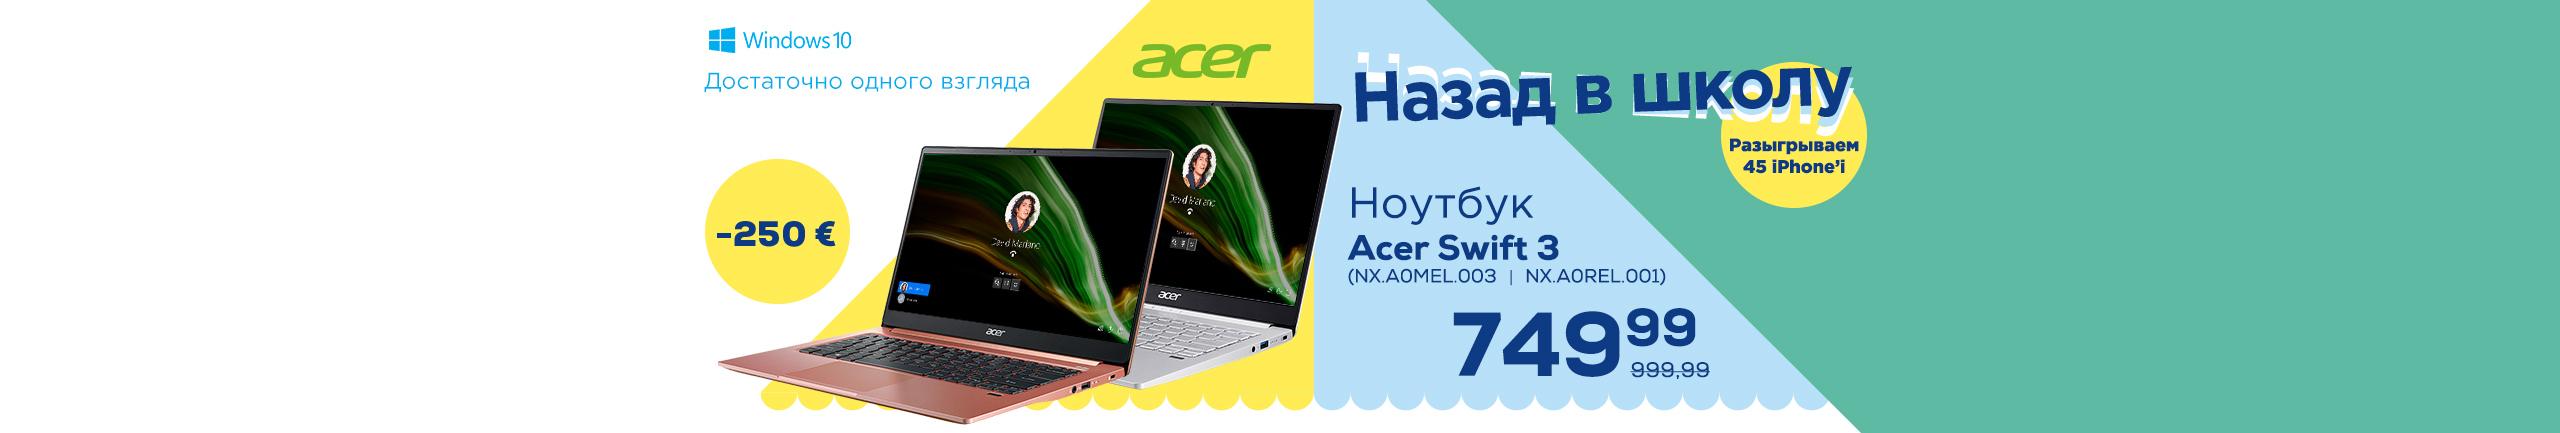 NPL Купите любой компьютер и выиграйте новый iPhone 12 mini, Acer Swift 3